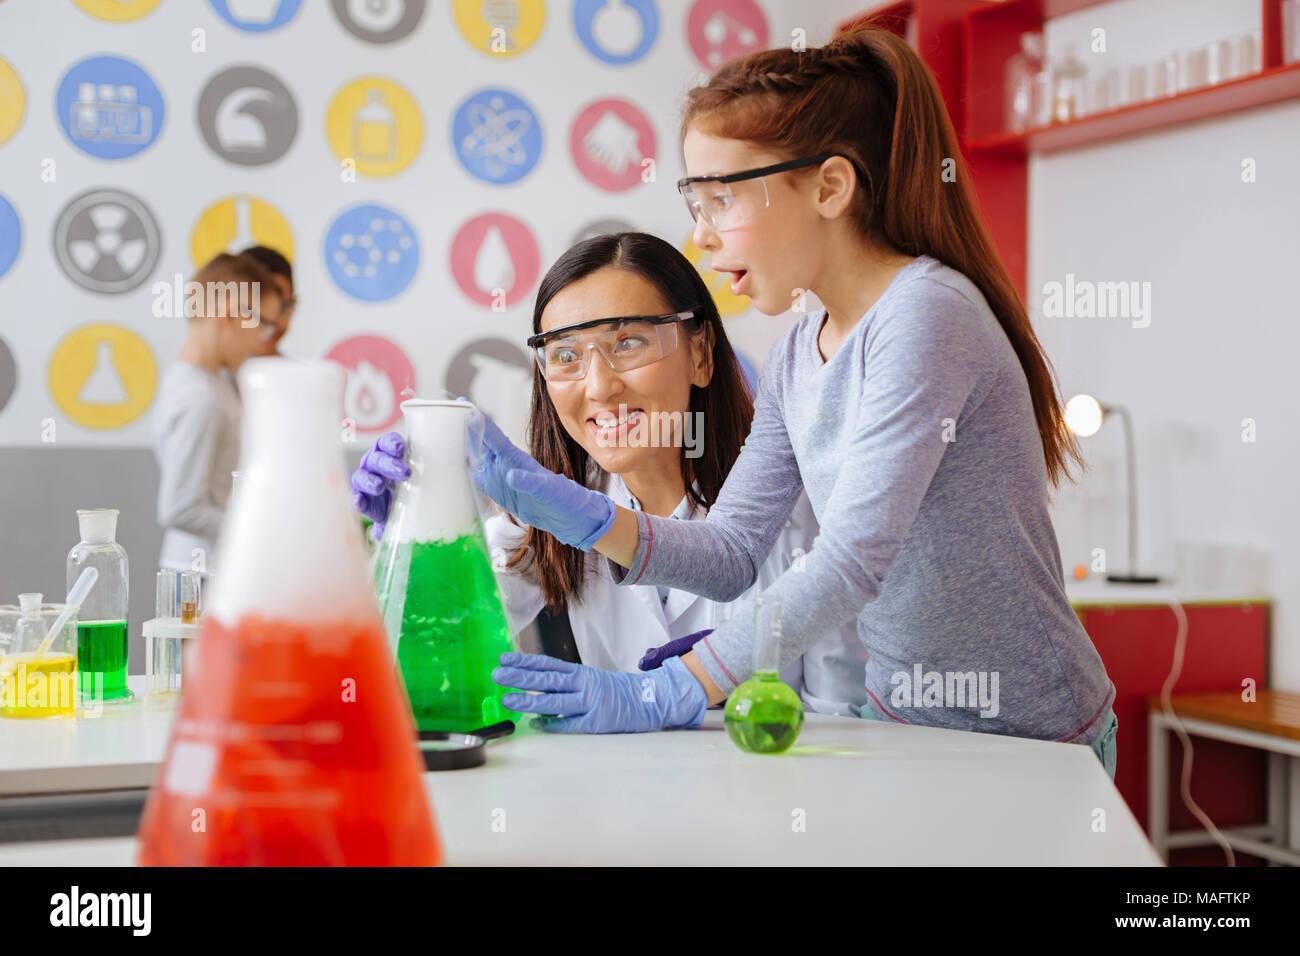 Sorpreso insegnante e studente di essere rimasto sorpreso con reazione chimica Immagini Stock